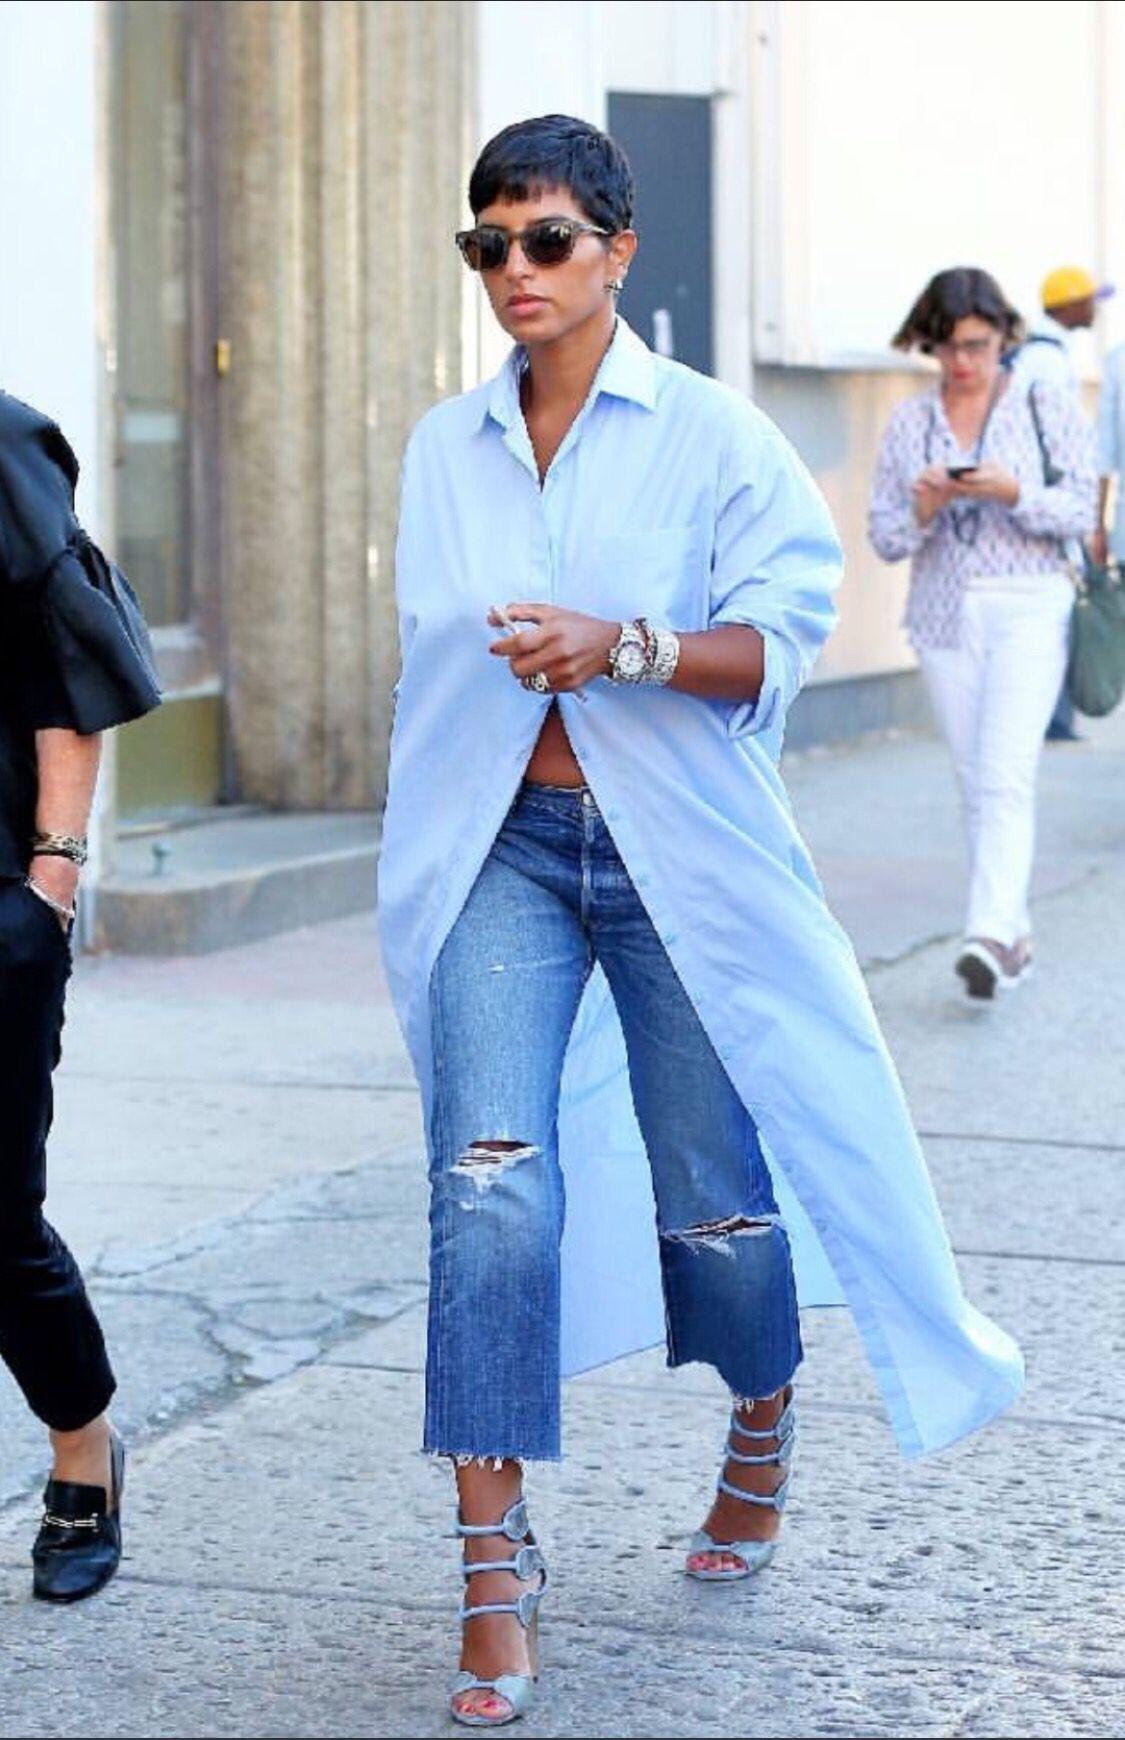 Deena imádja a vagány street style szetteket